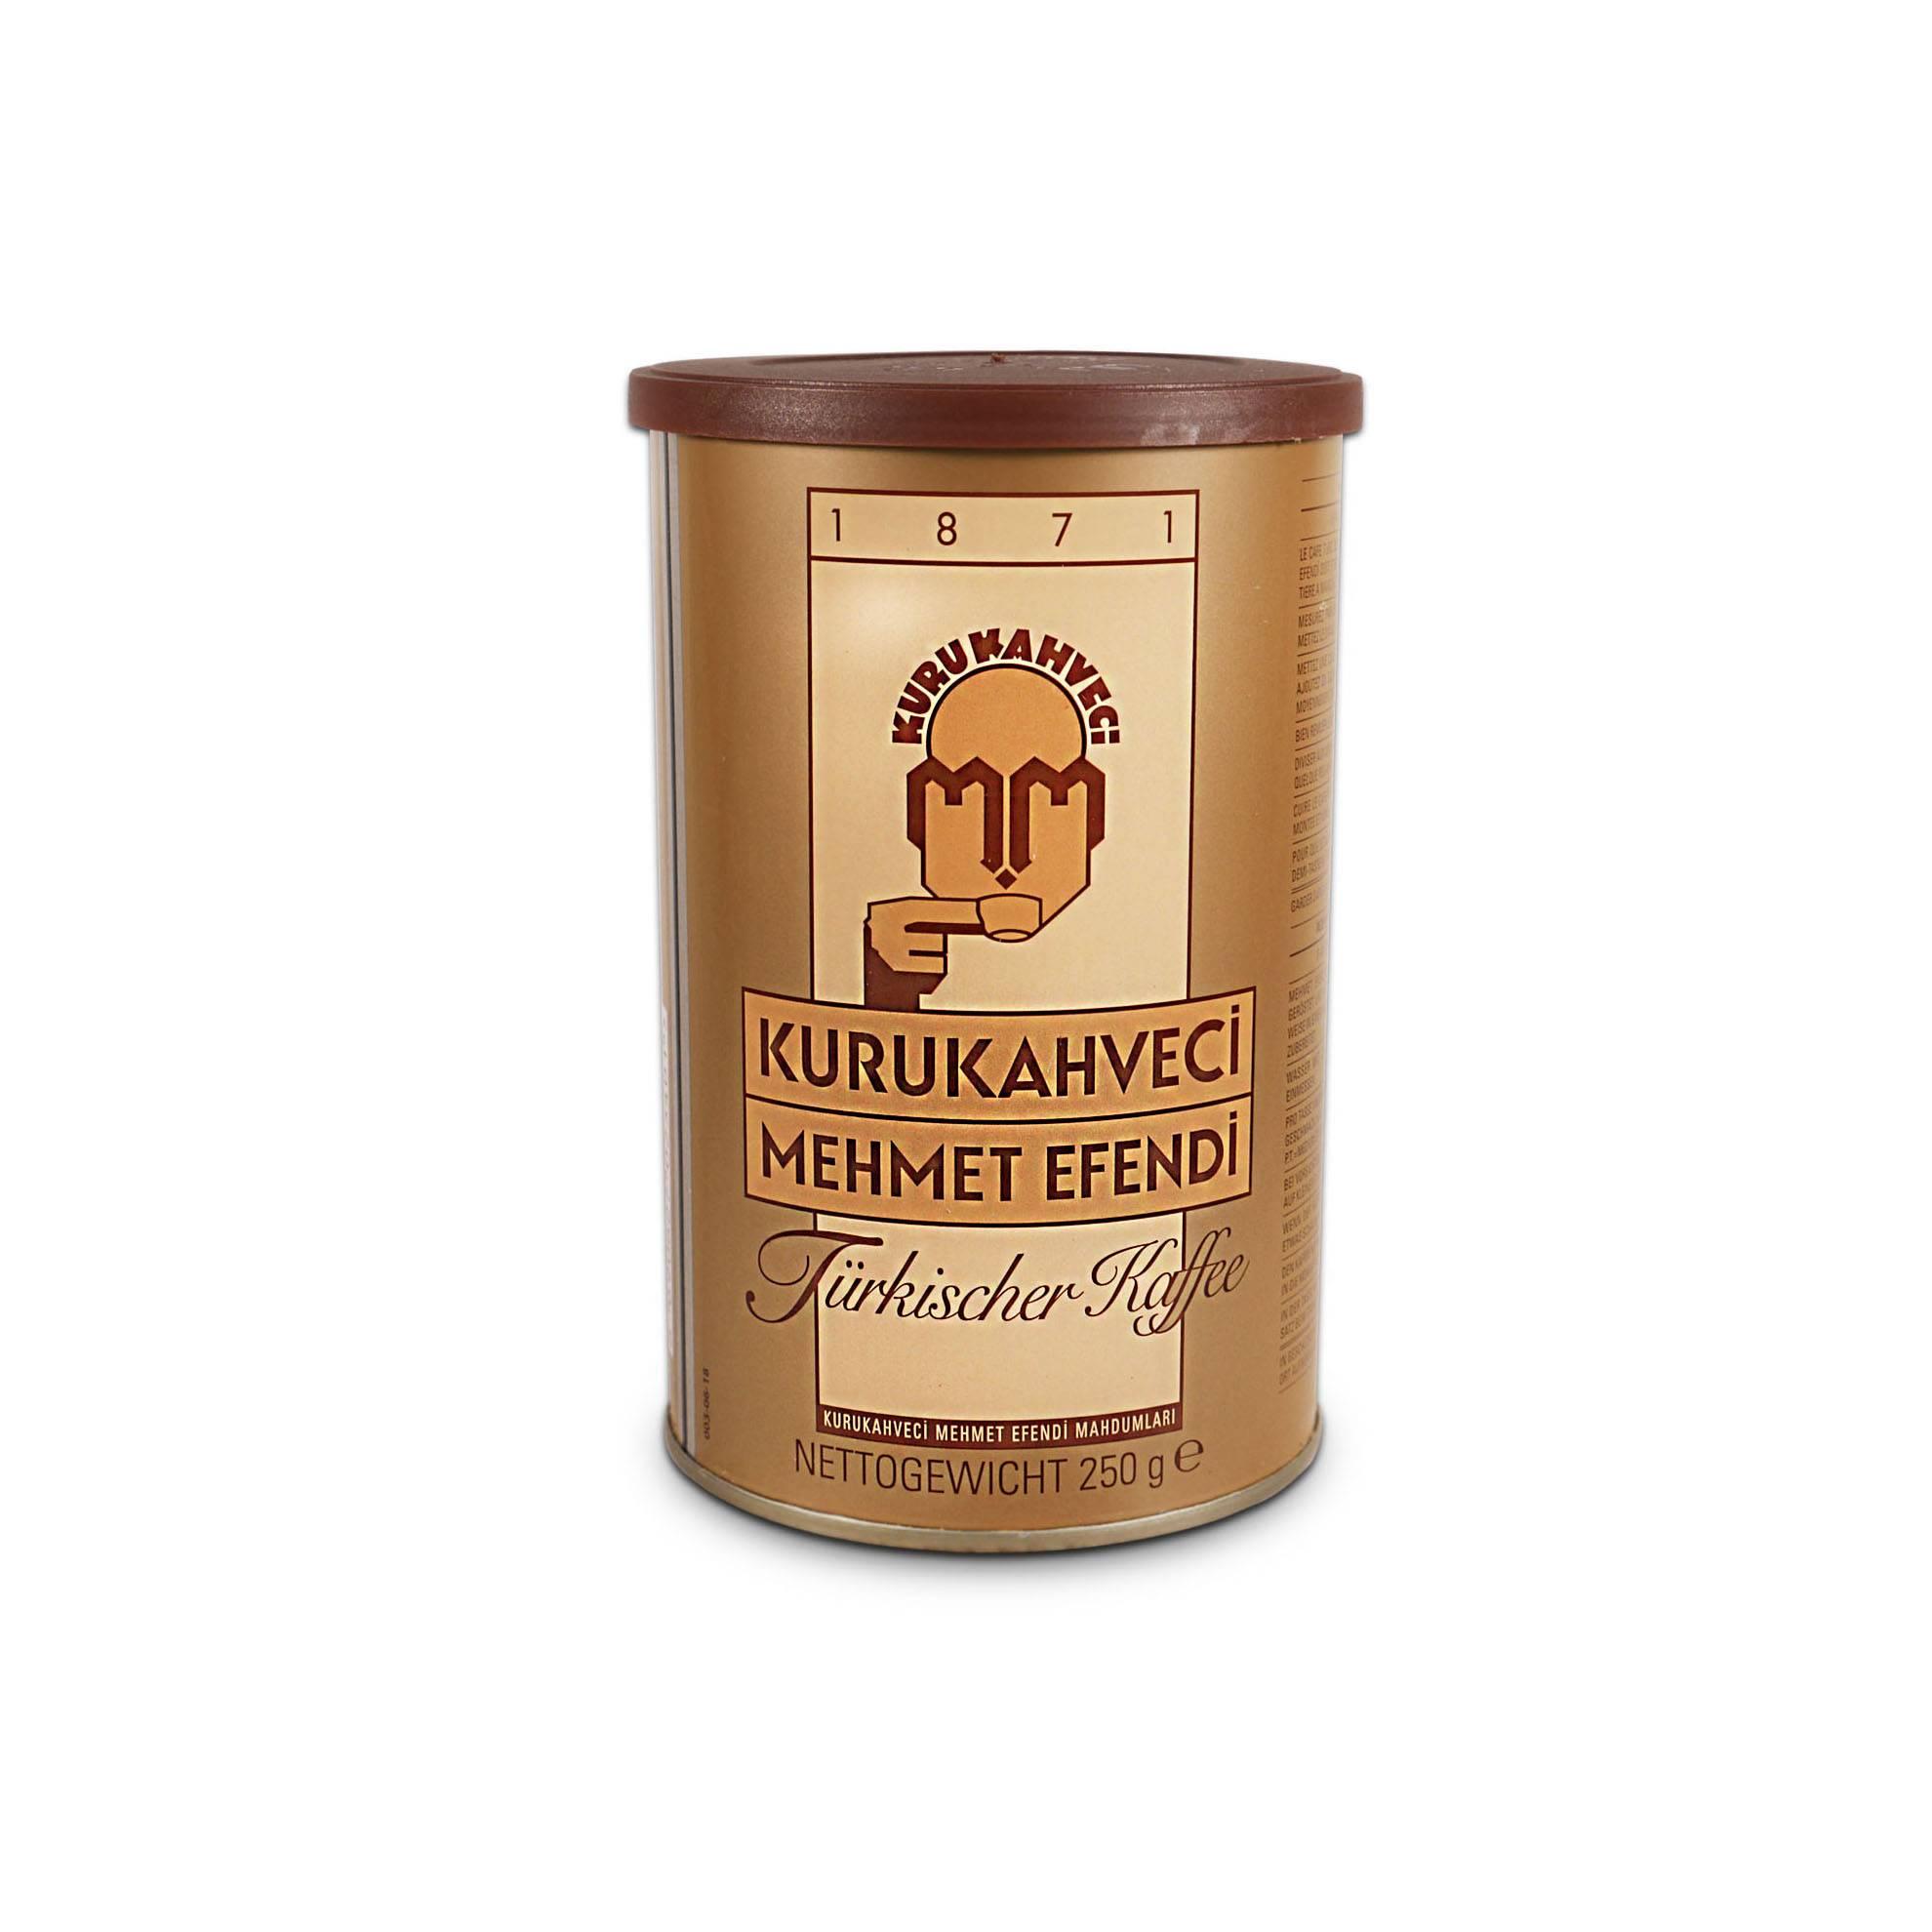 Кофе мехмет эфенди (mehmet efendi): описание и виды марки